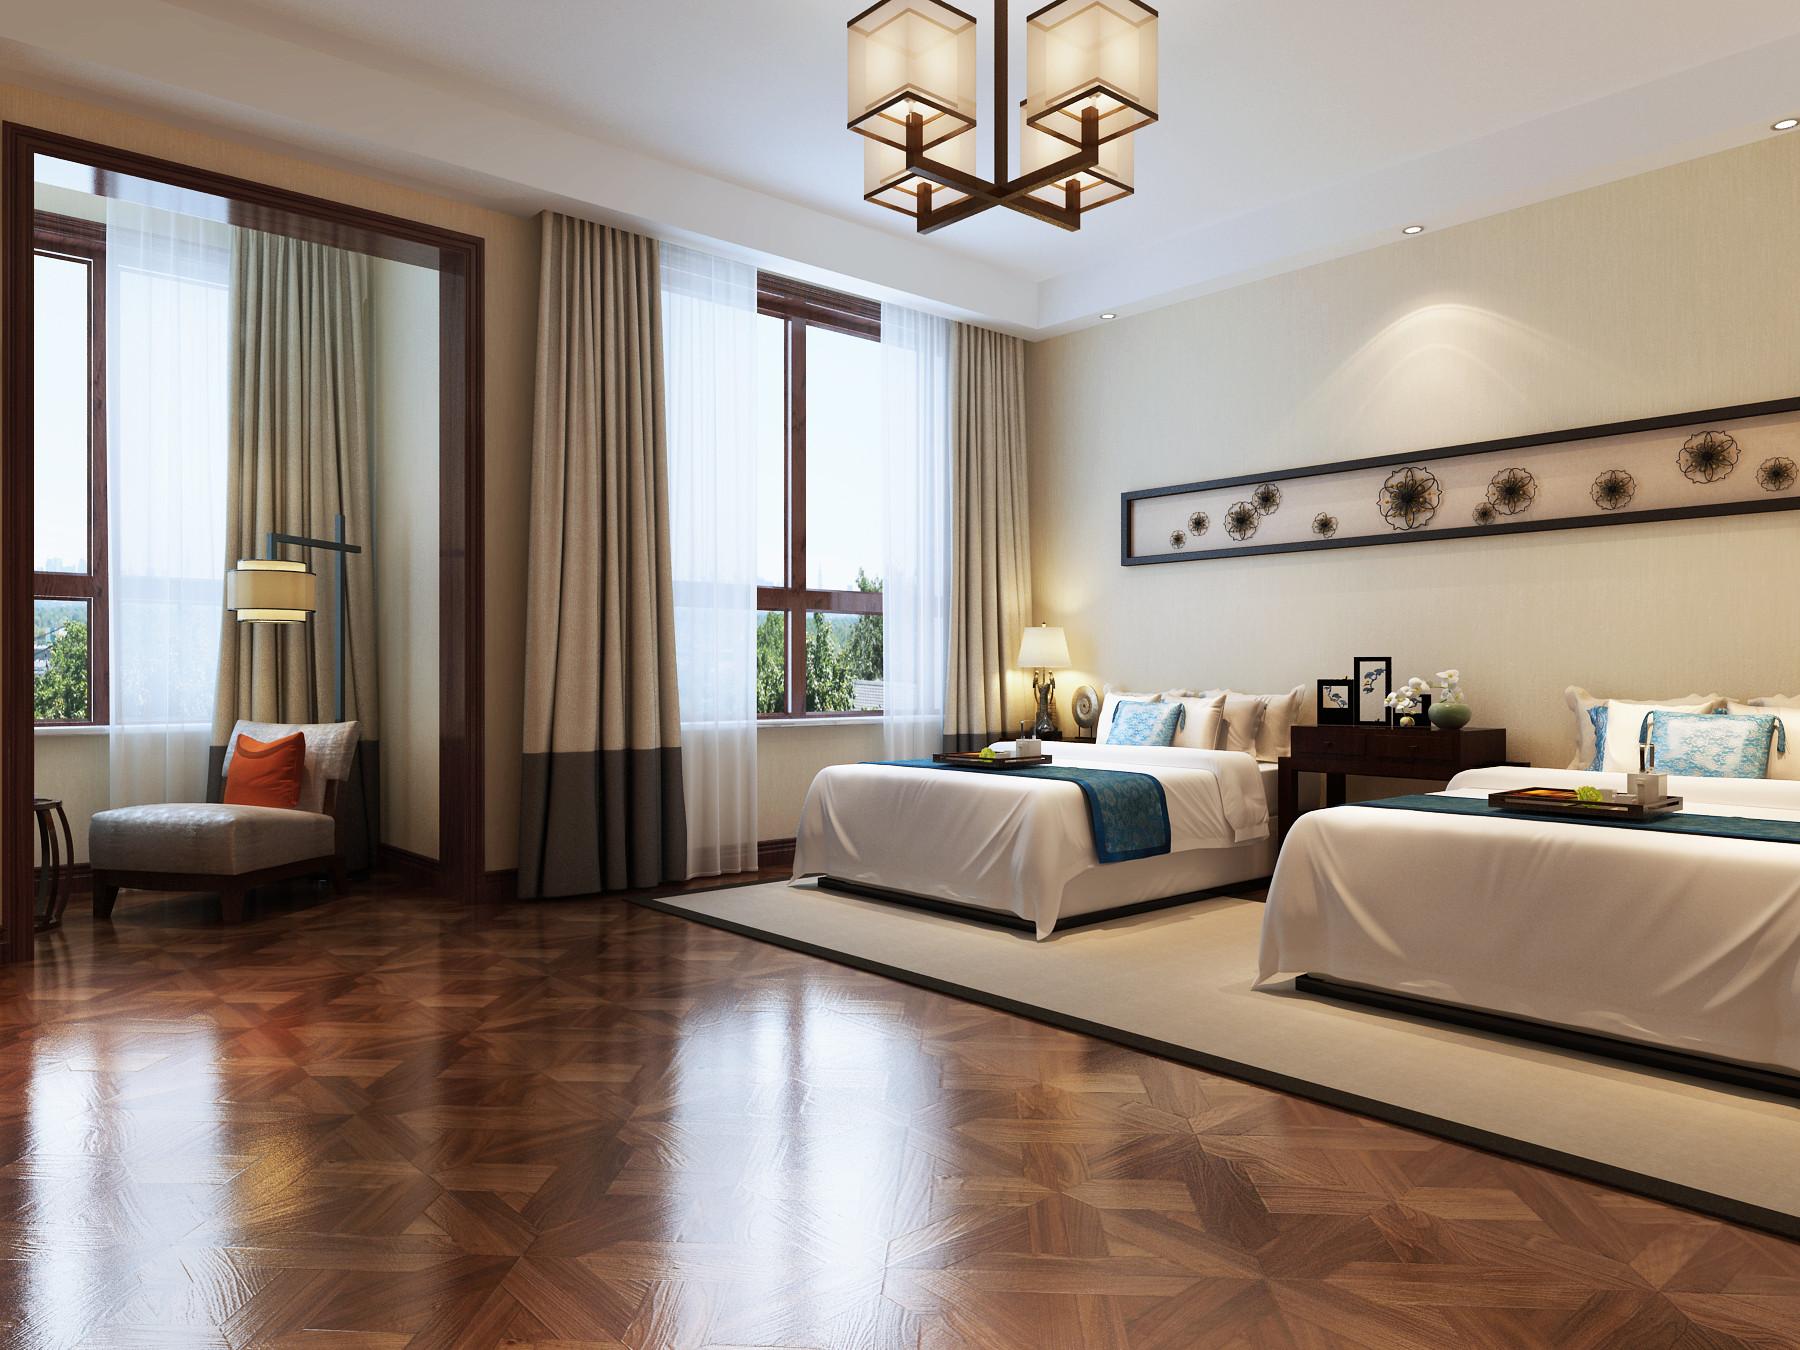 新中式豪华别墅装修老人房设计图